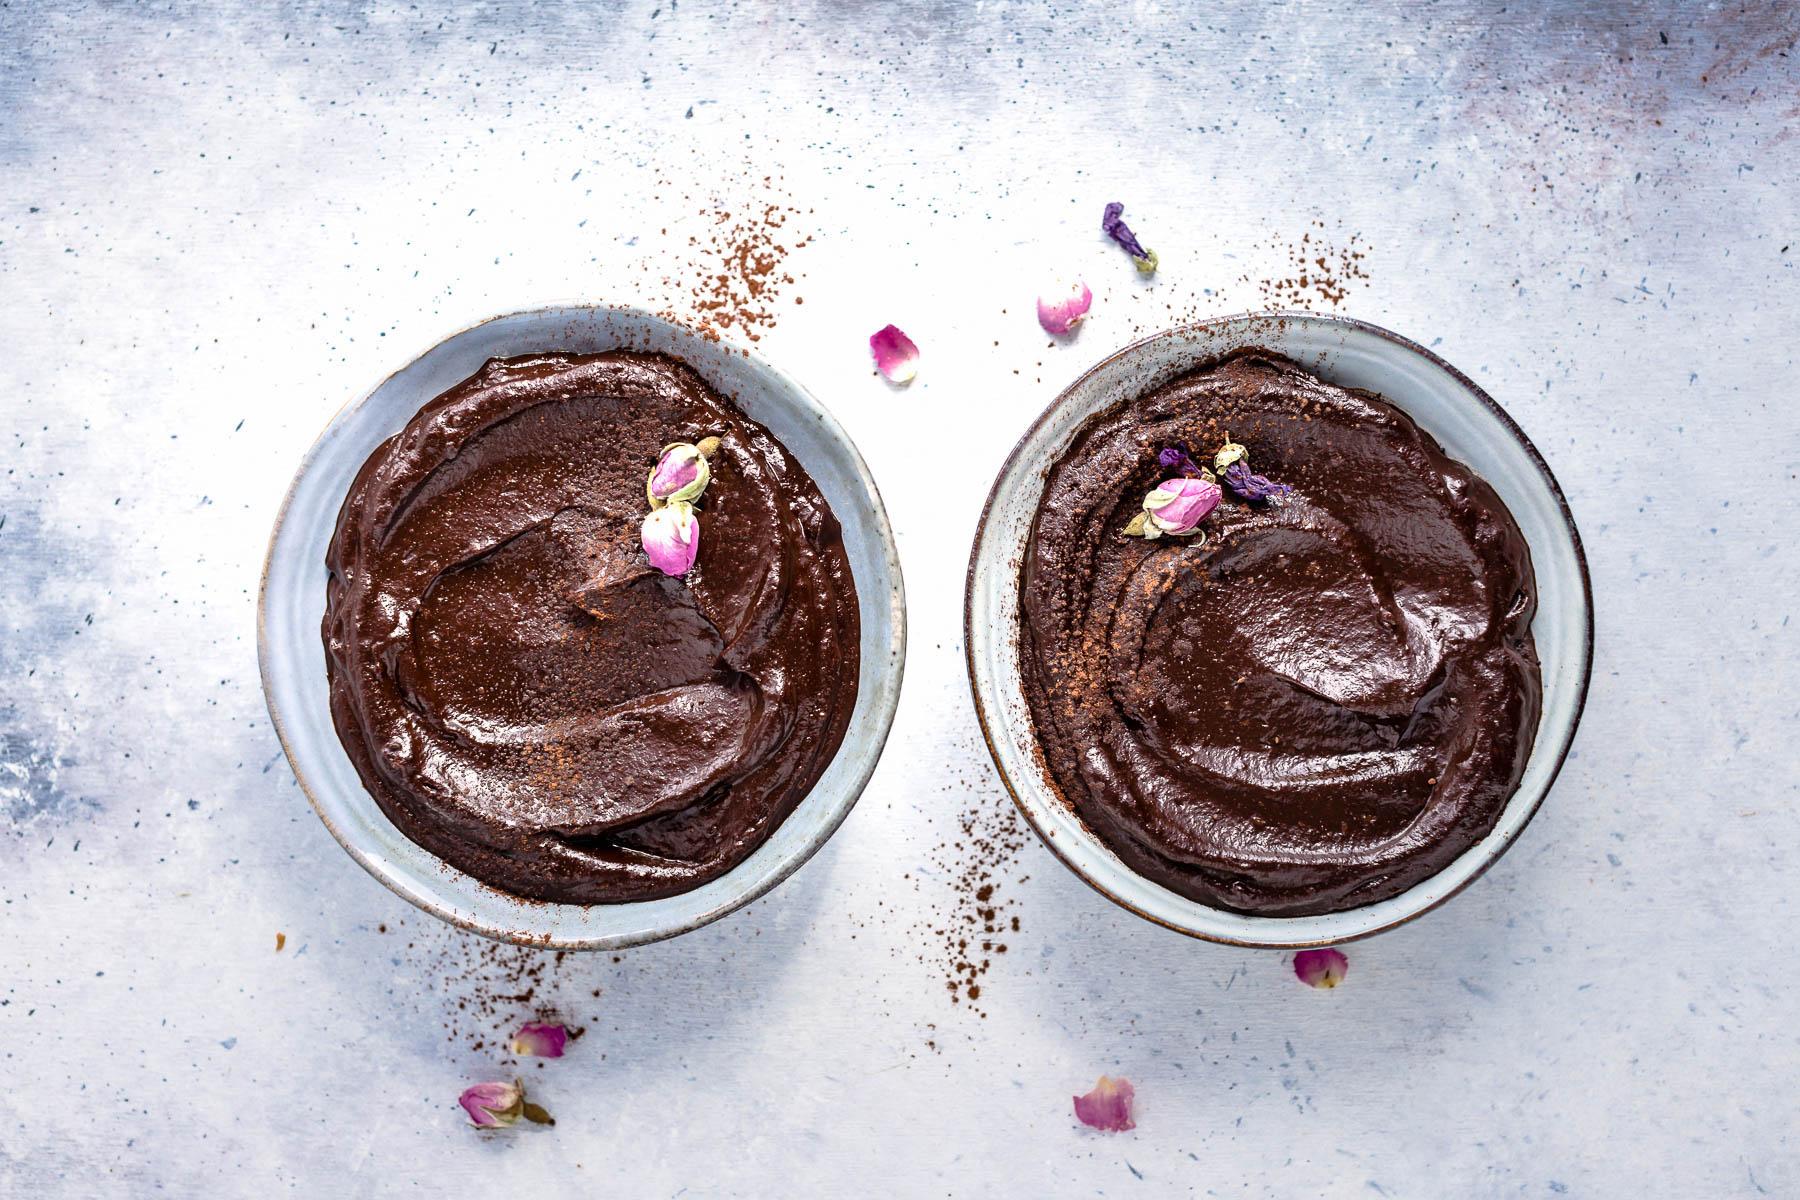 delicious vegan CHOCOLATE AVOCADO DATE MOUSSE recipe with coffee glutenfree ricetta MOUSSE AVOCADO CACAO e DATTERI al cioccolato e caffe senza glutine senza zucchero senza lattosio